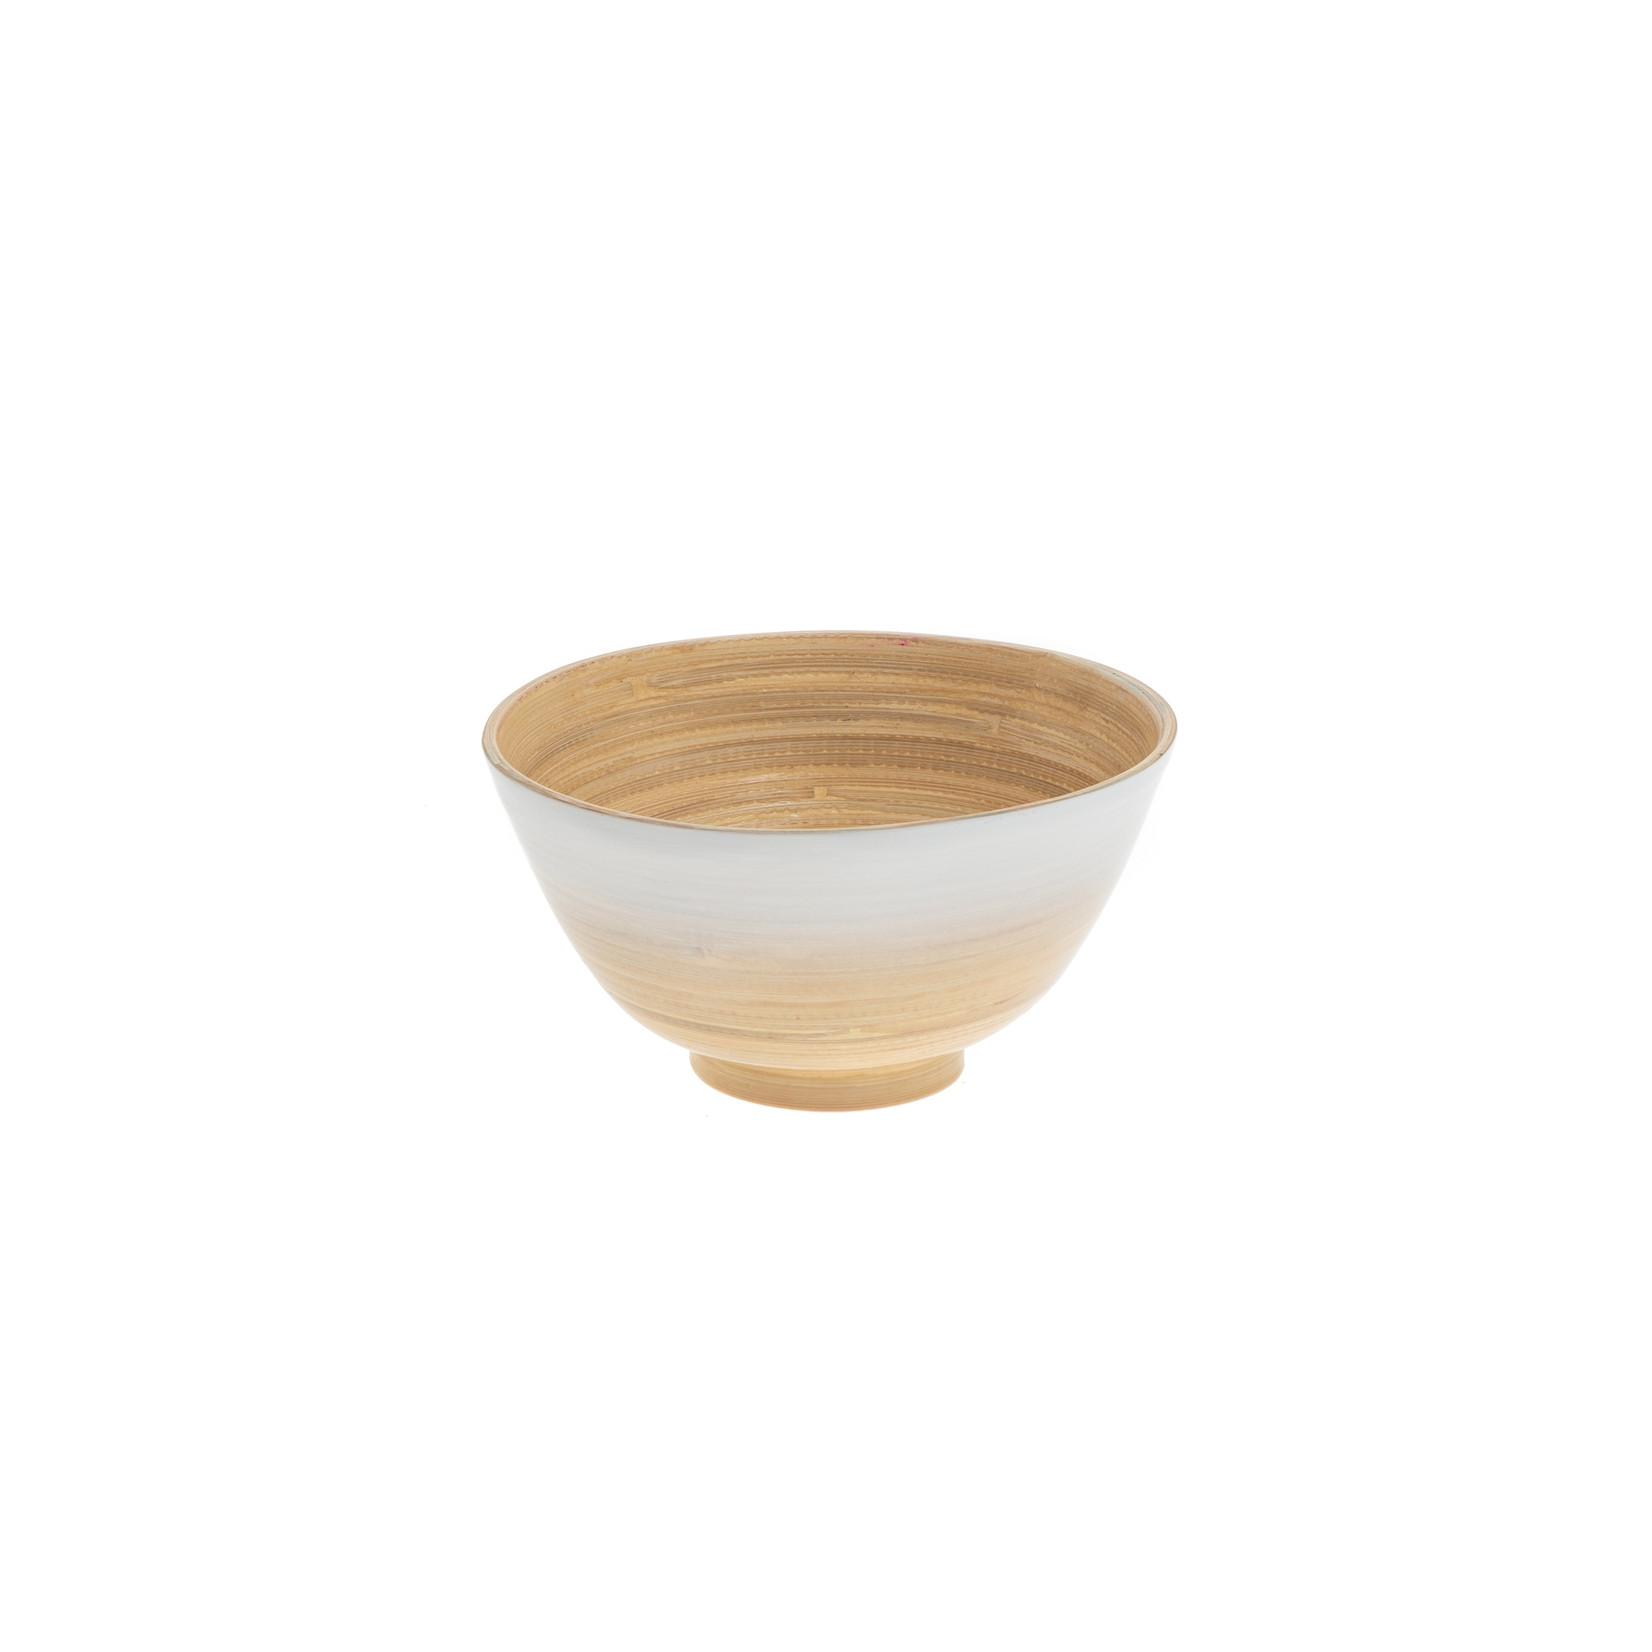 Bamboe natural salad bowl